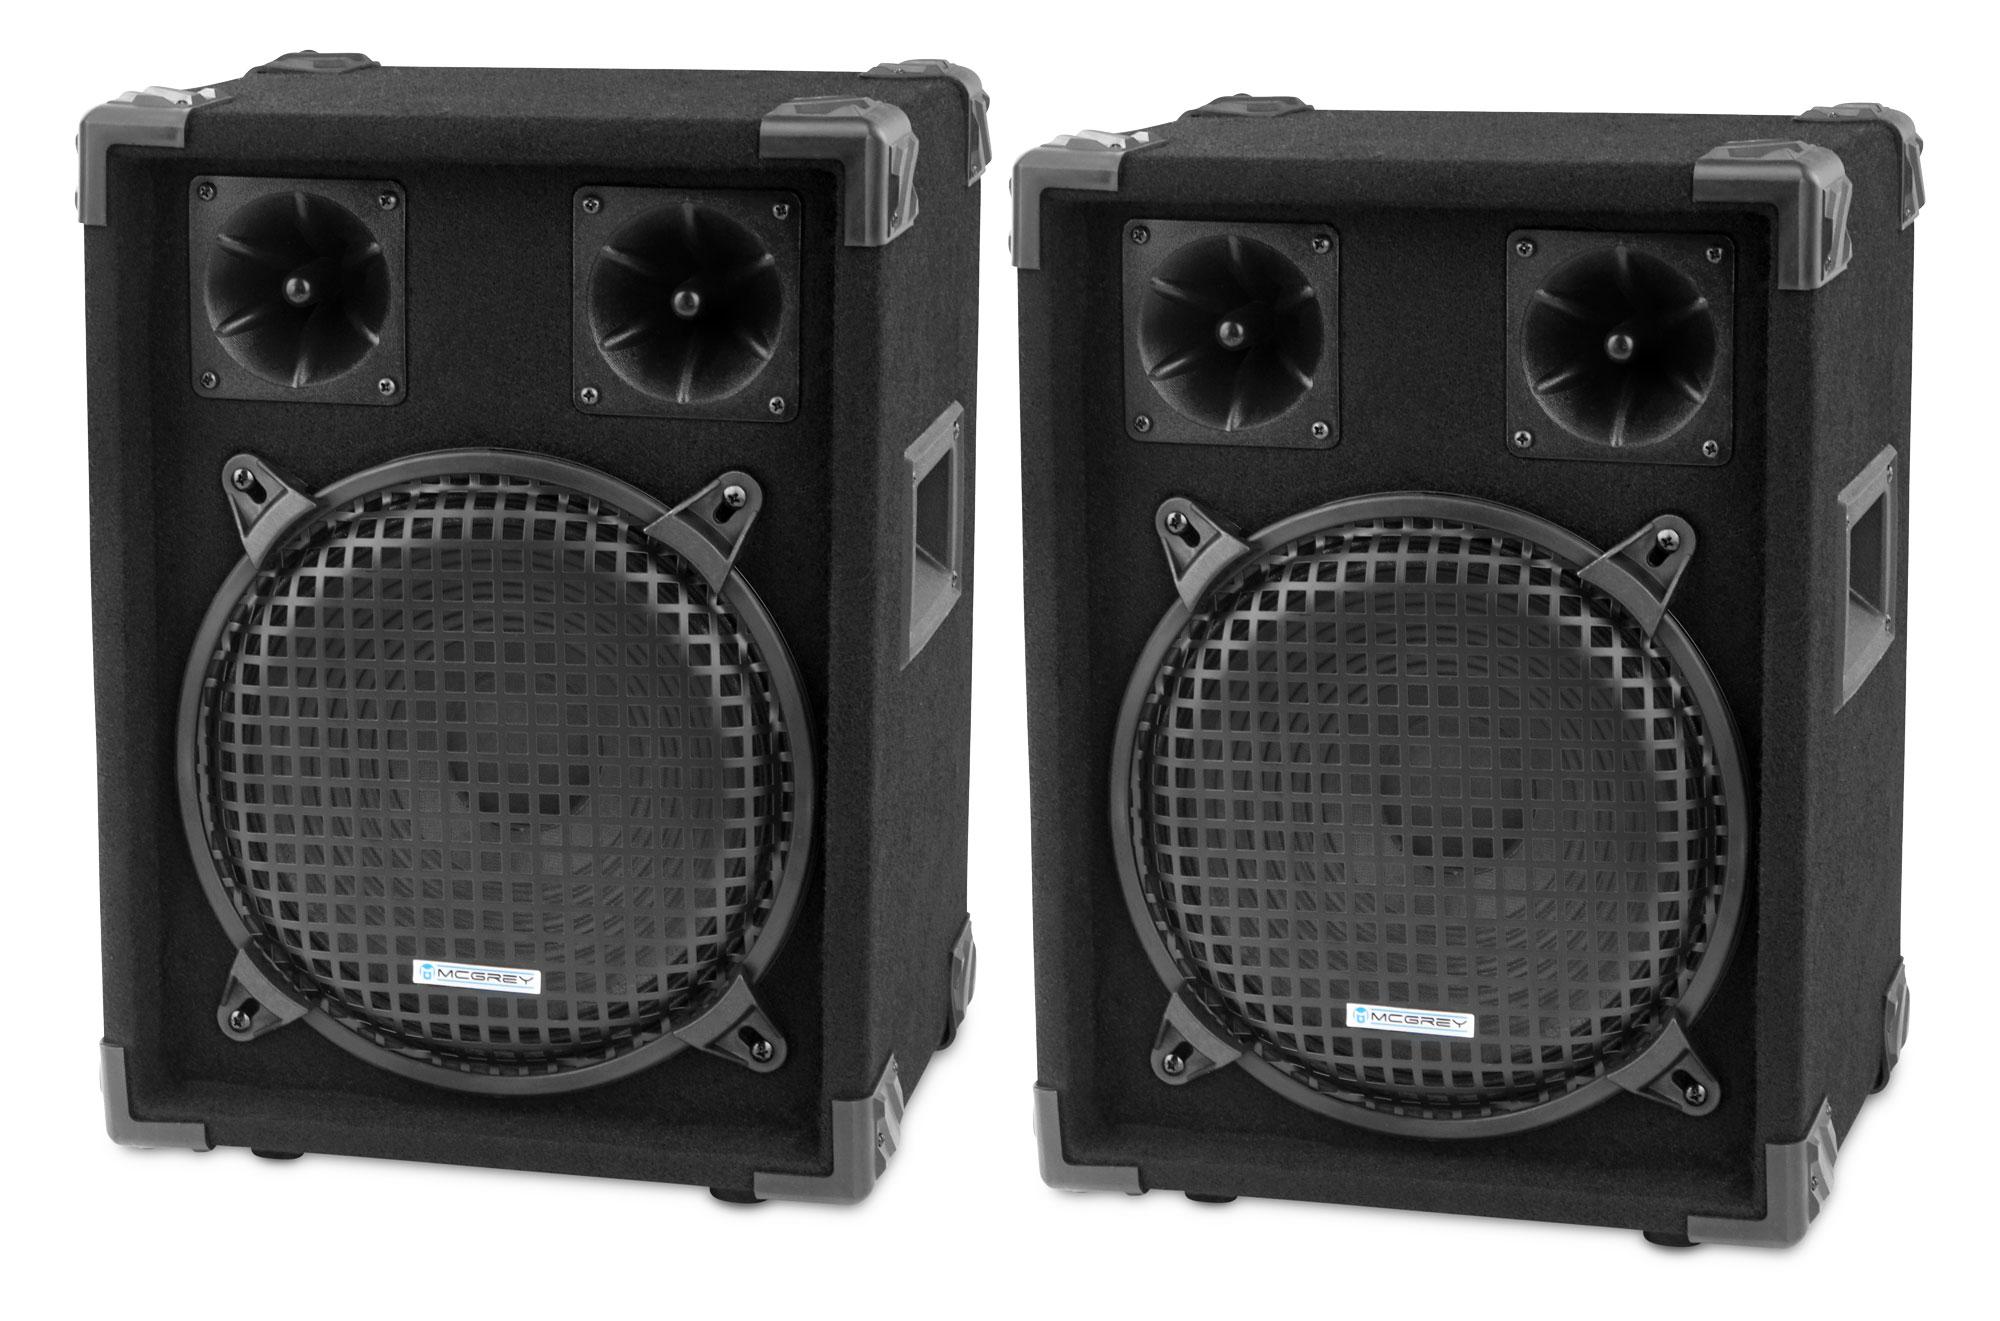 Paendstufen - McGrey DJ 1022 Partykeller|DJ Box Paar 2 x 400W Retoure (Zustand sehr gut) - Onlineshop Musikhaus Kirstein